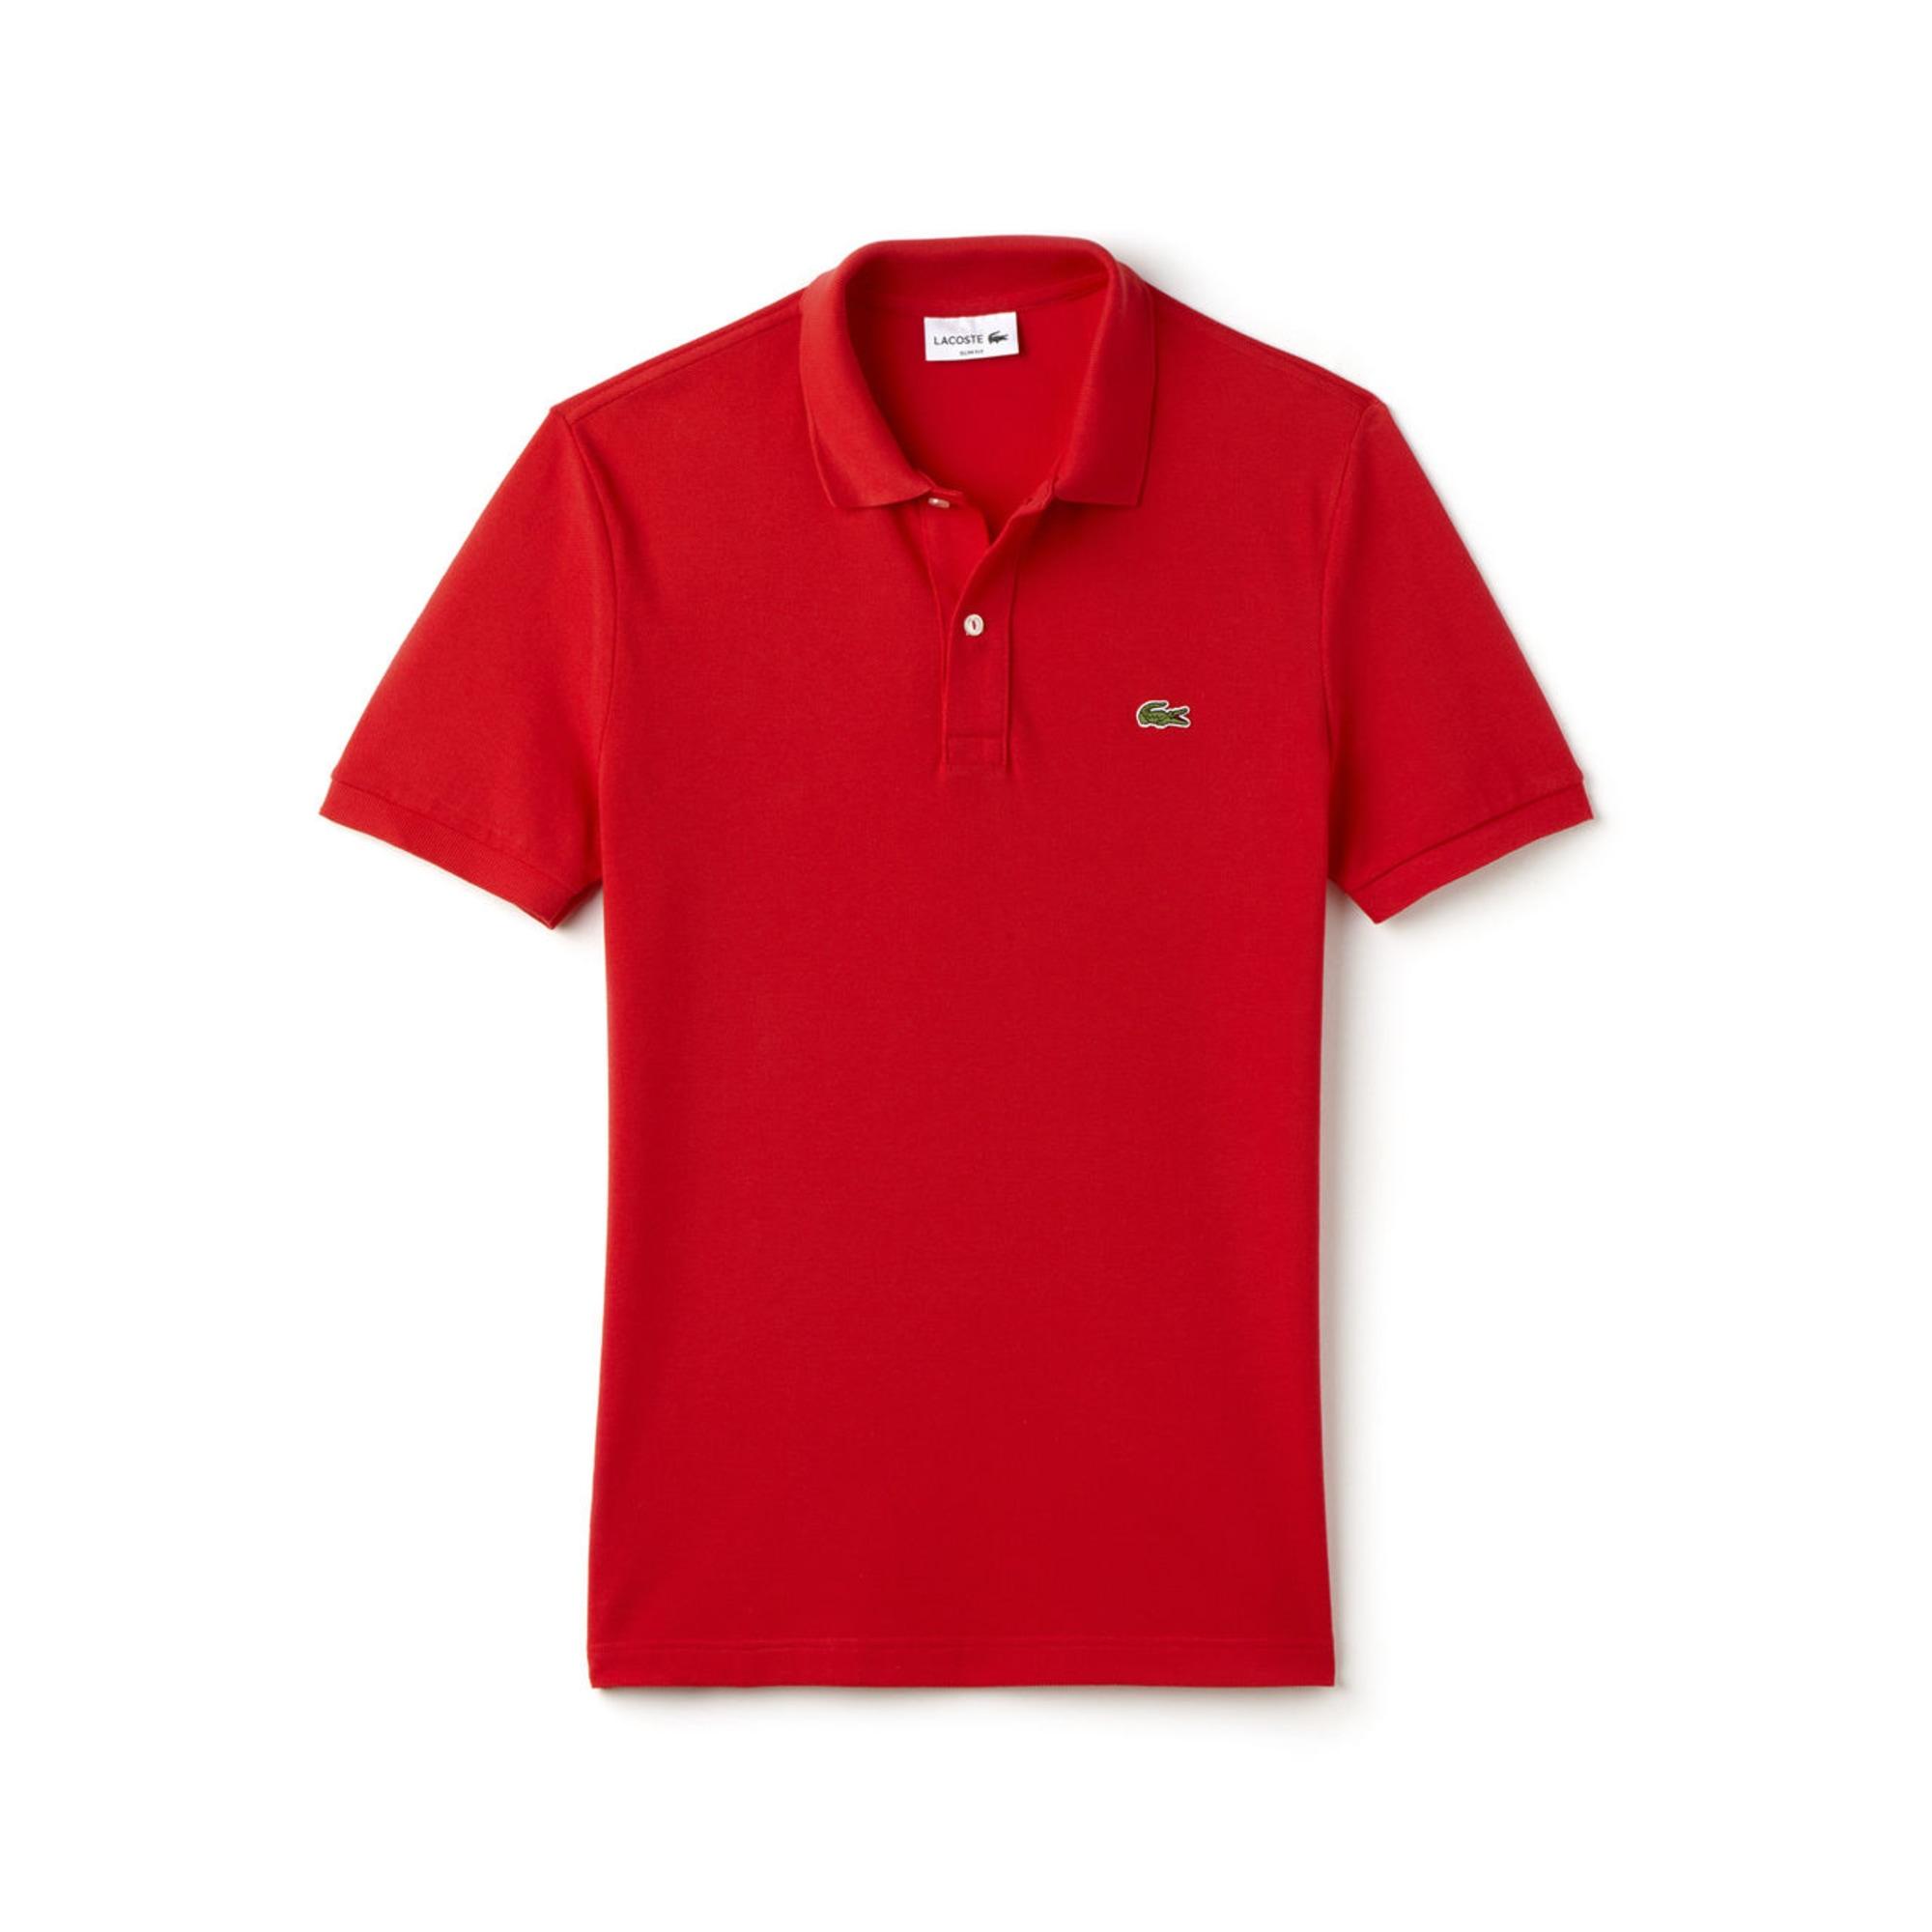 103ef9acf0 Polo LACOSTE 1 (S) rouge vendu par Jon2paris - 6424243